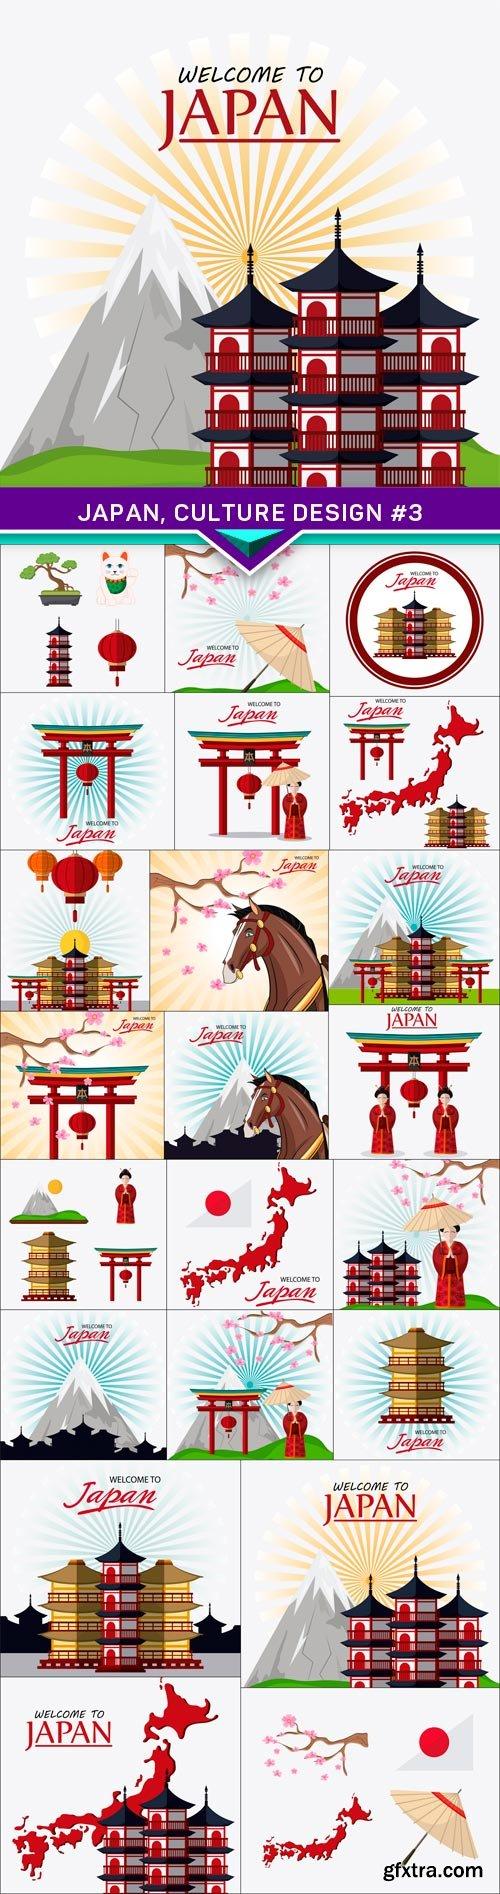 Japan, culture design #3 22X EPS